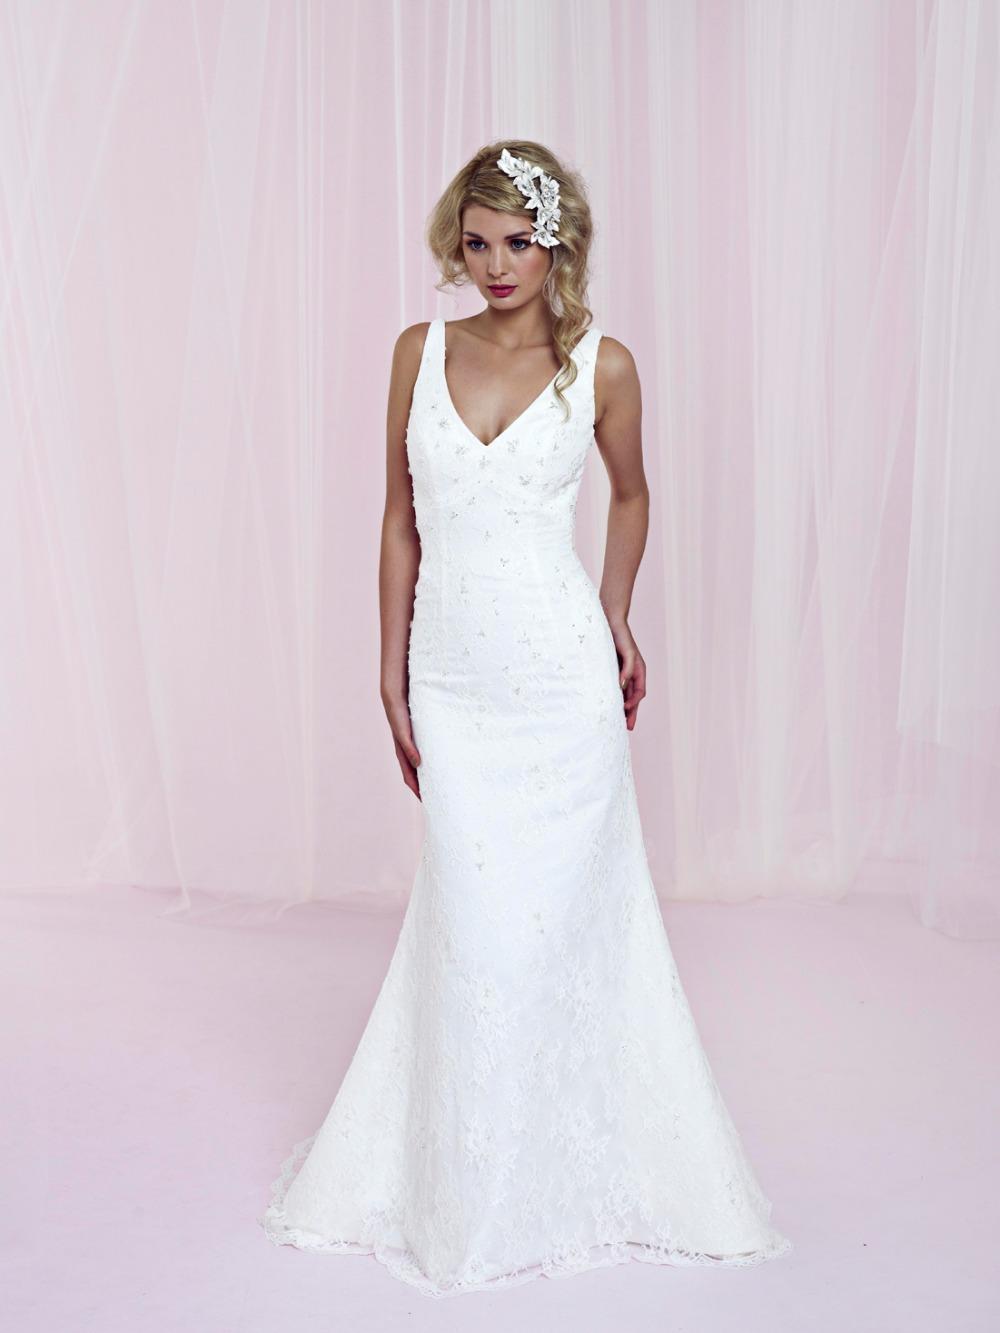 new design wedding gowns v neck floor length zipper back taffeta wedding dresses 2014(China (Mainland))